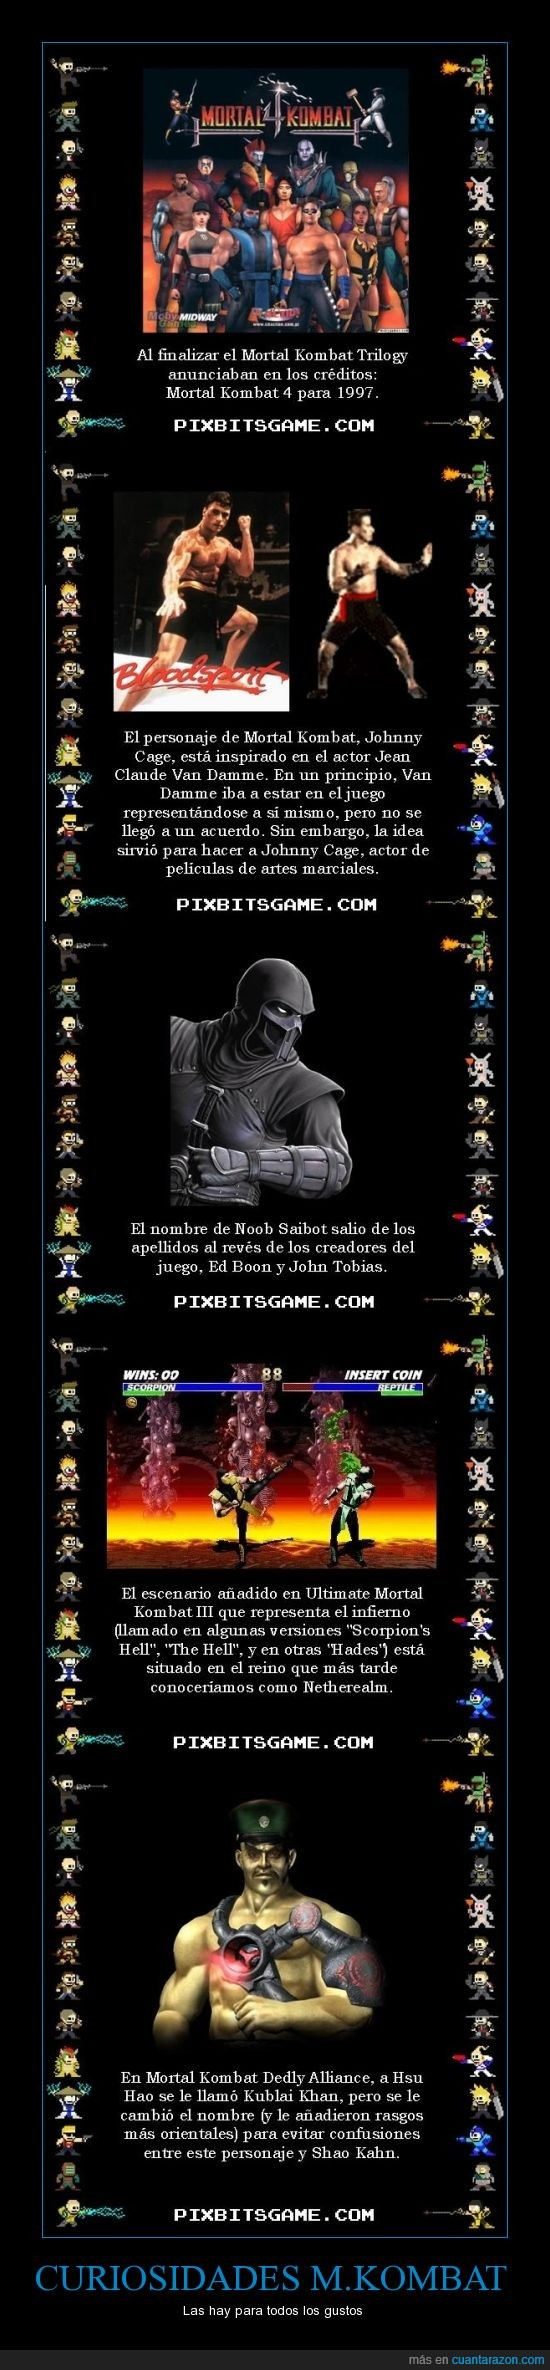 actor,curiosidades,Jean Claude van Damme,MK nombres,Mortal Kombat,videojuegos